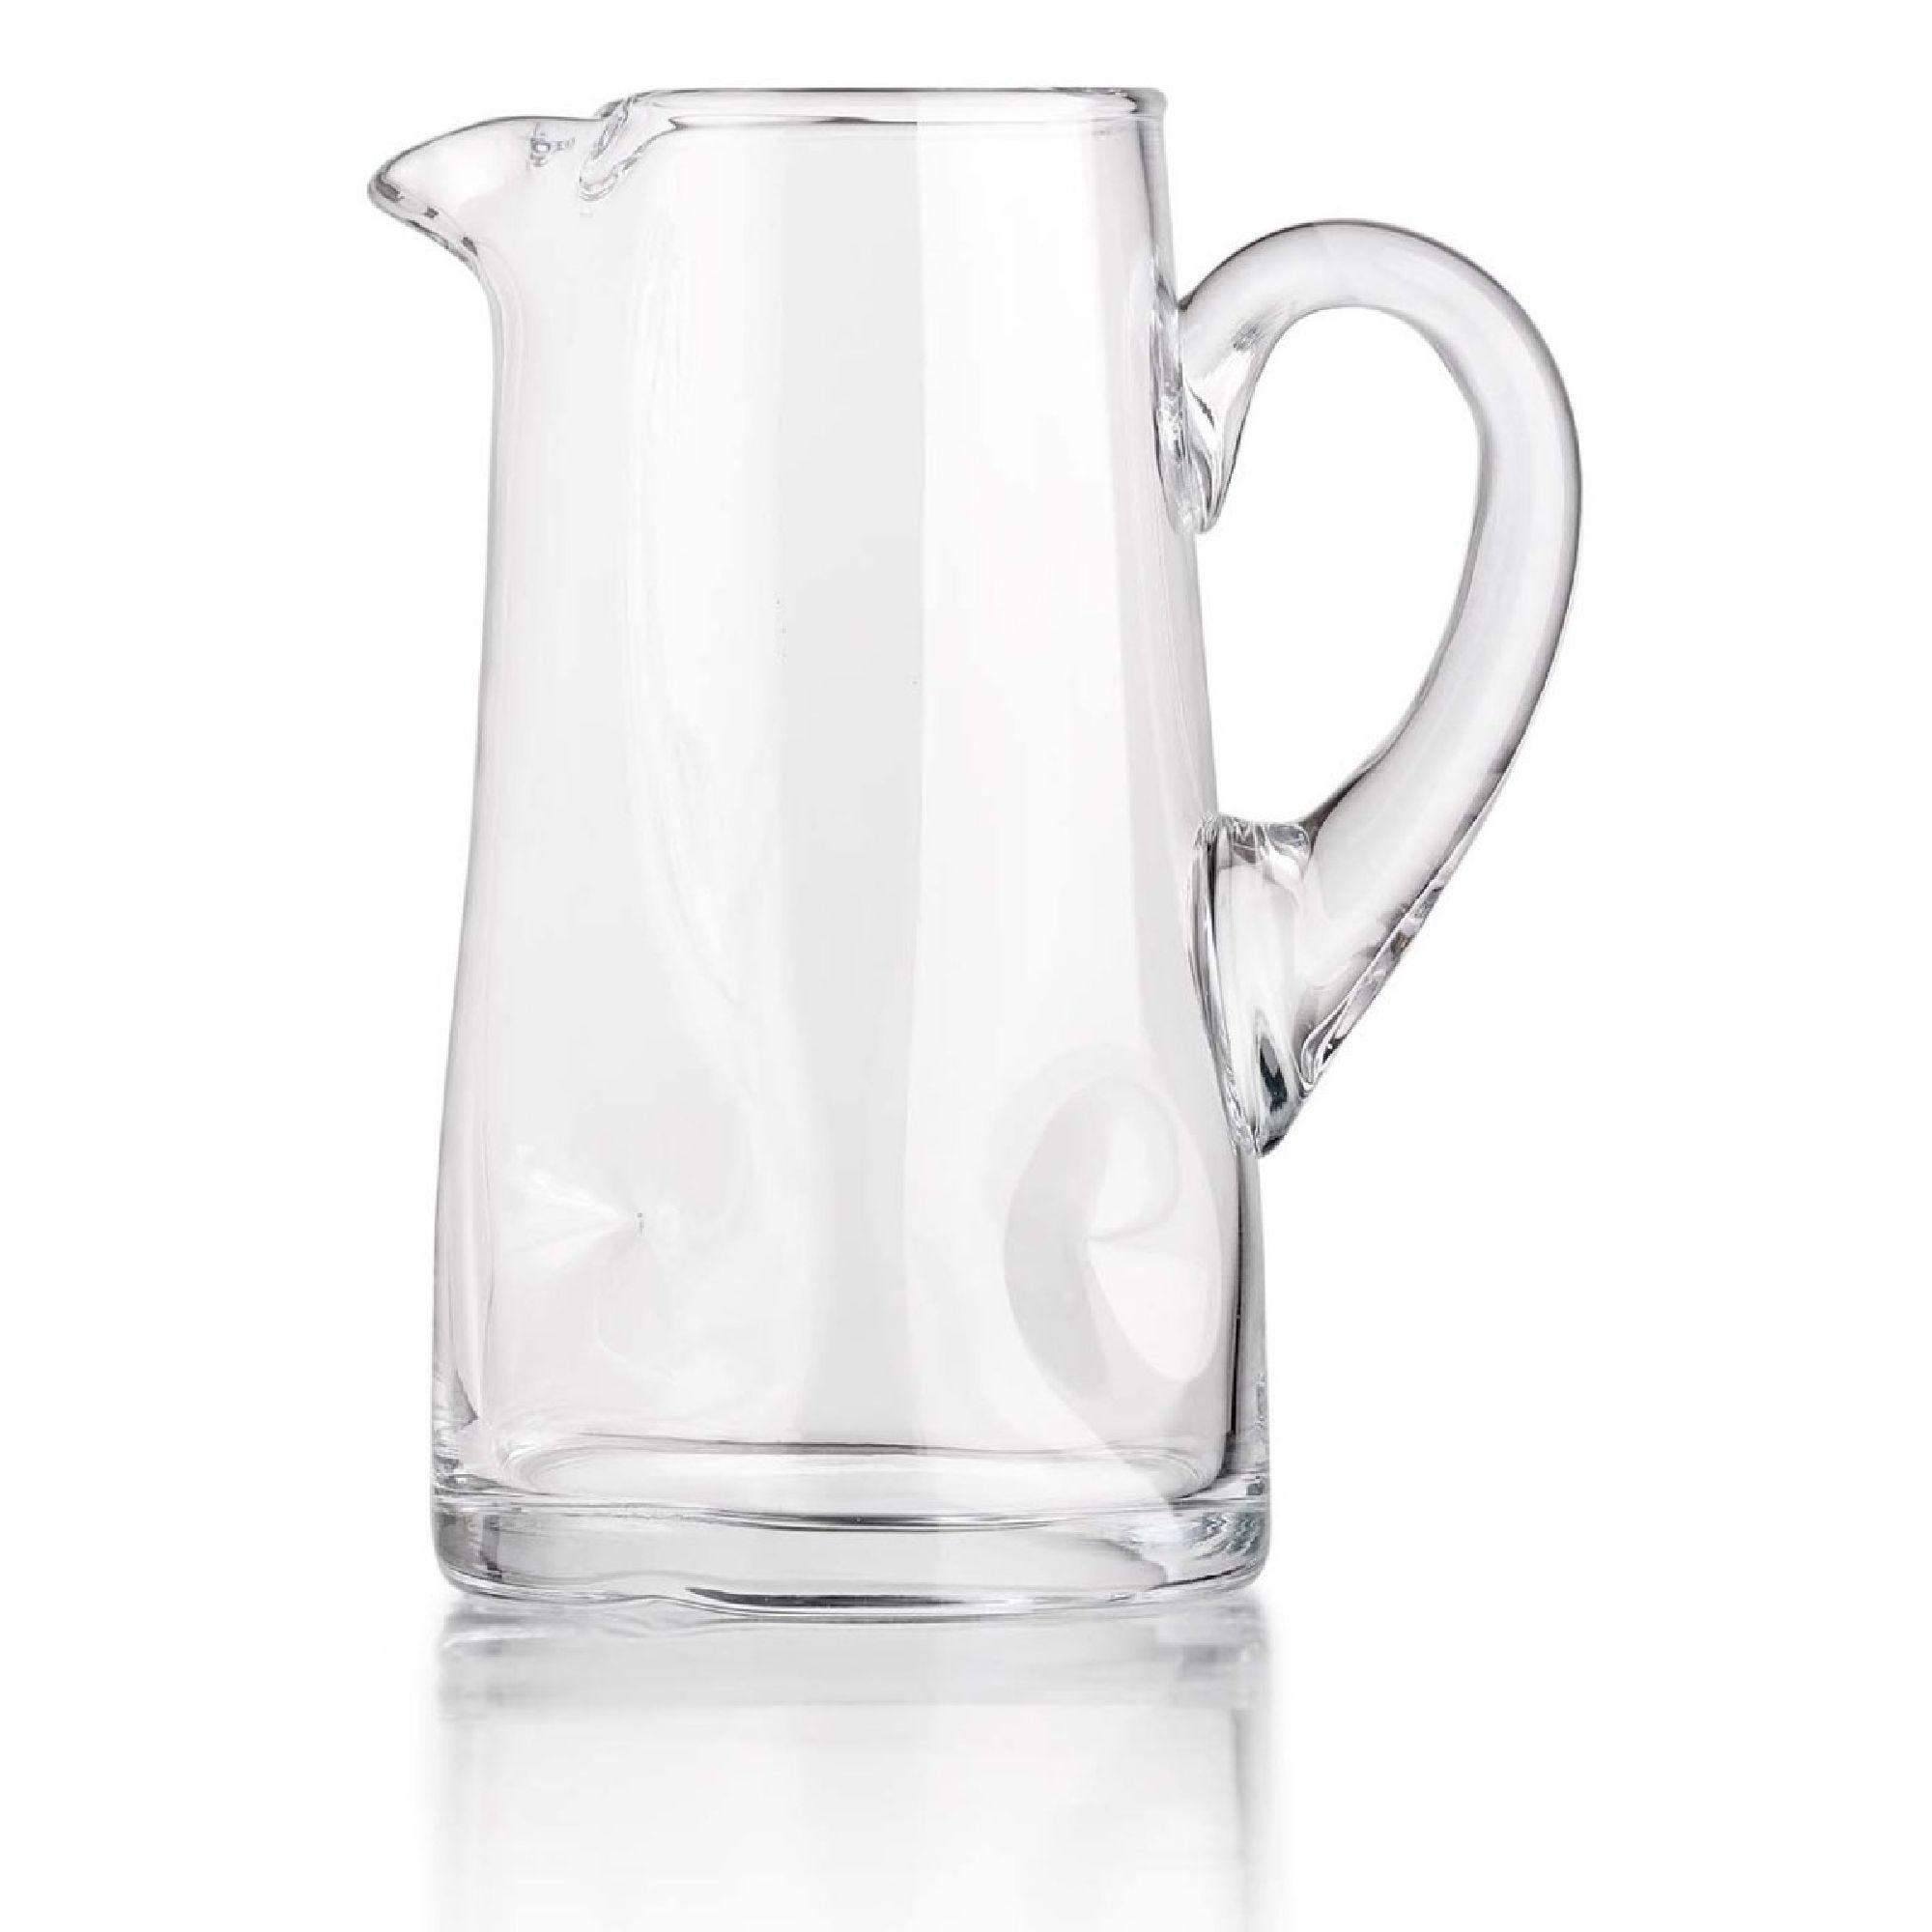 Pedrada Jarra de vidrio de 2.7 L